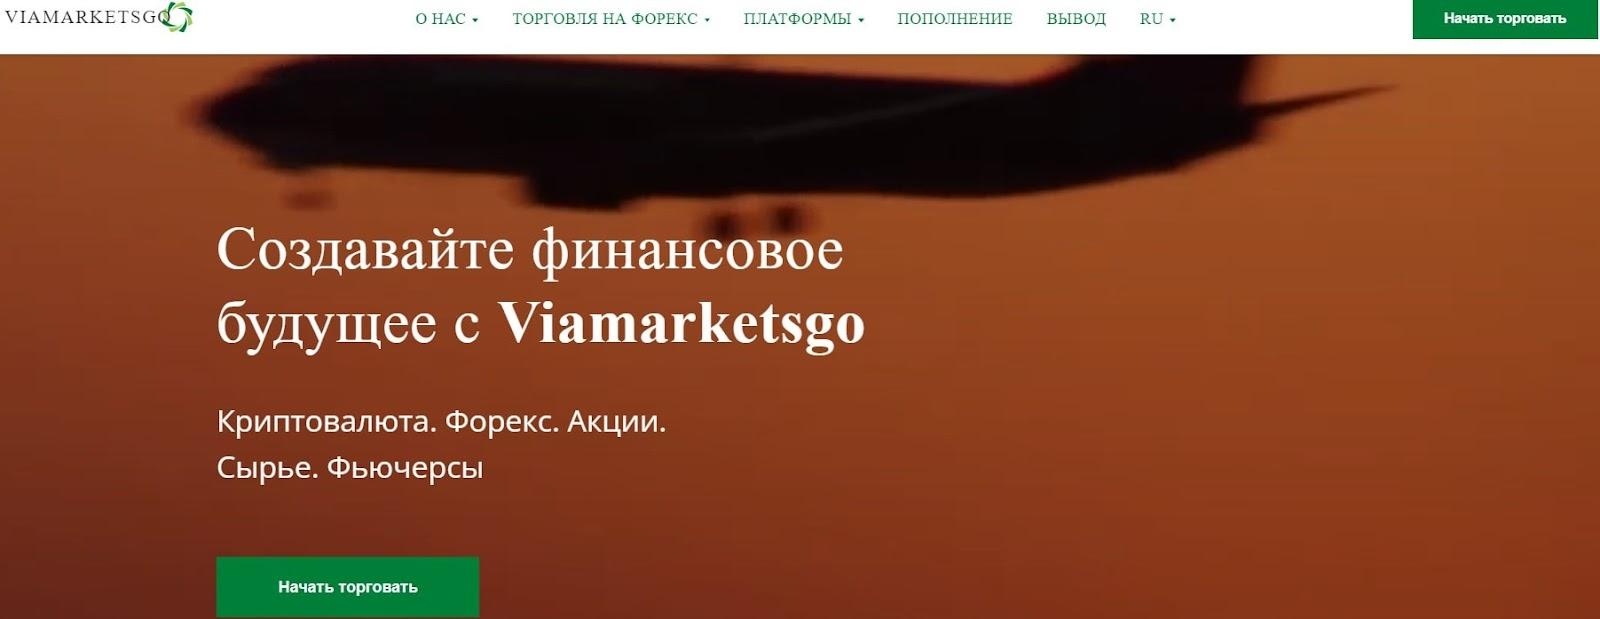 Отзывы о Viamarketsgo и анализ торговых условий реальные отзывы